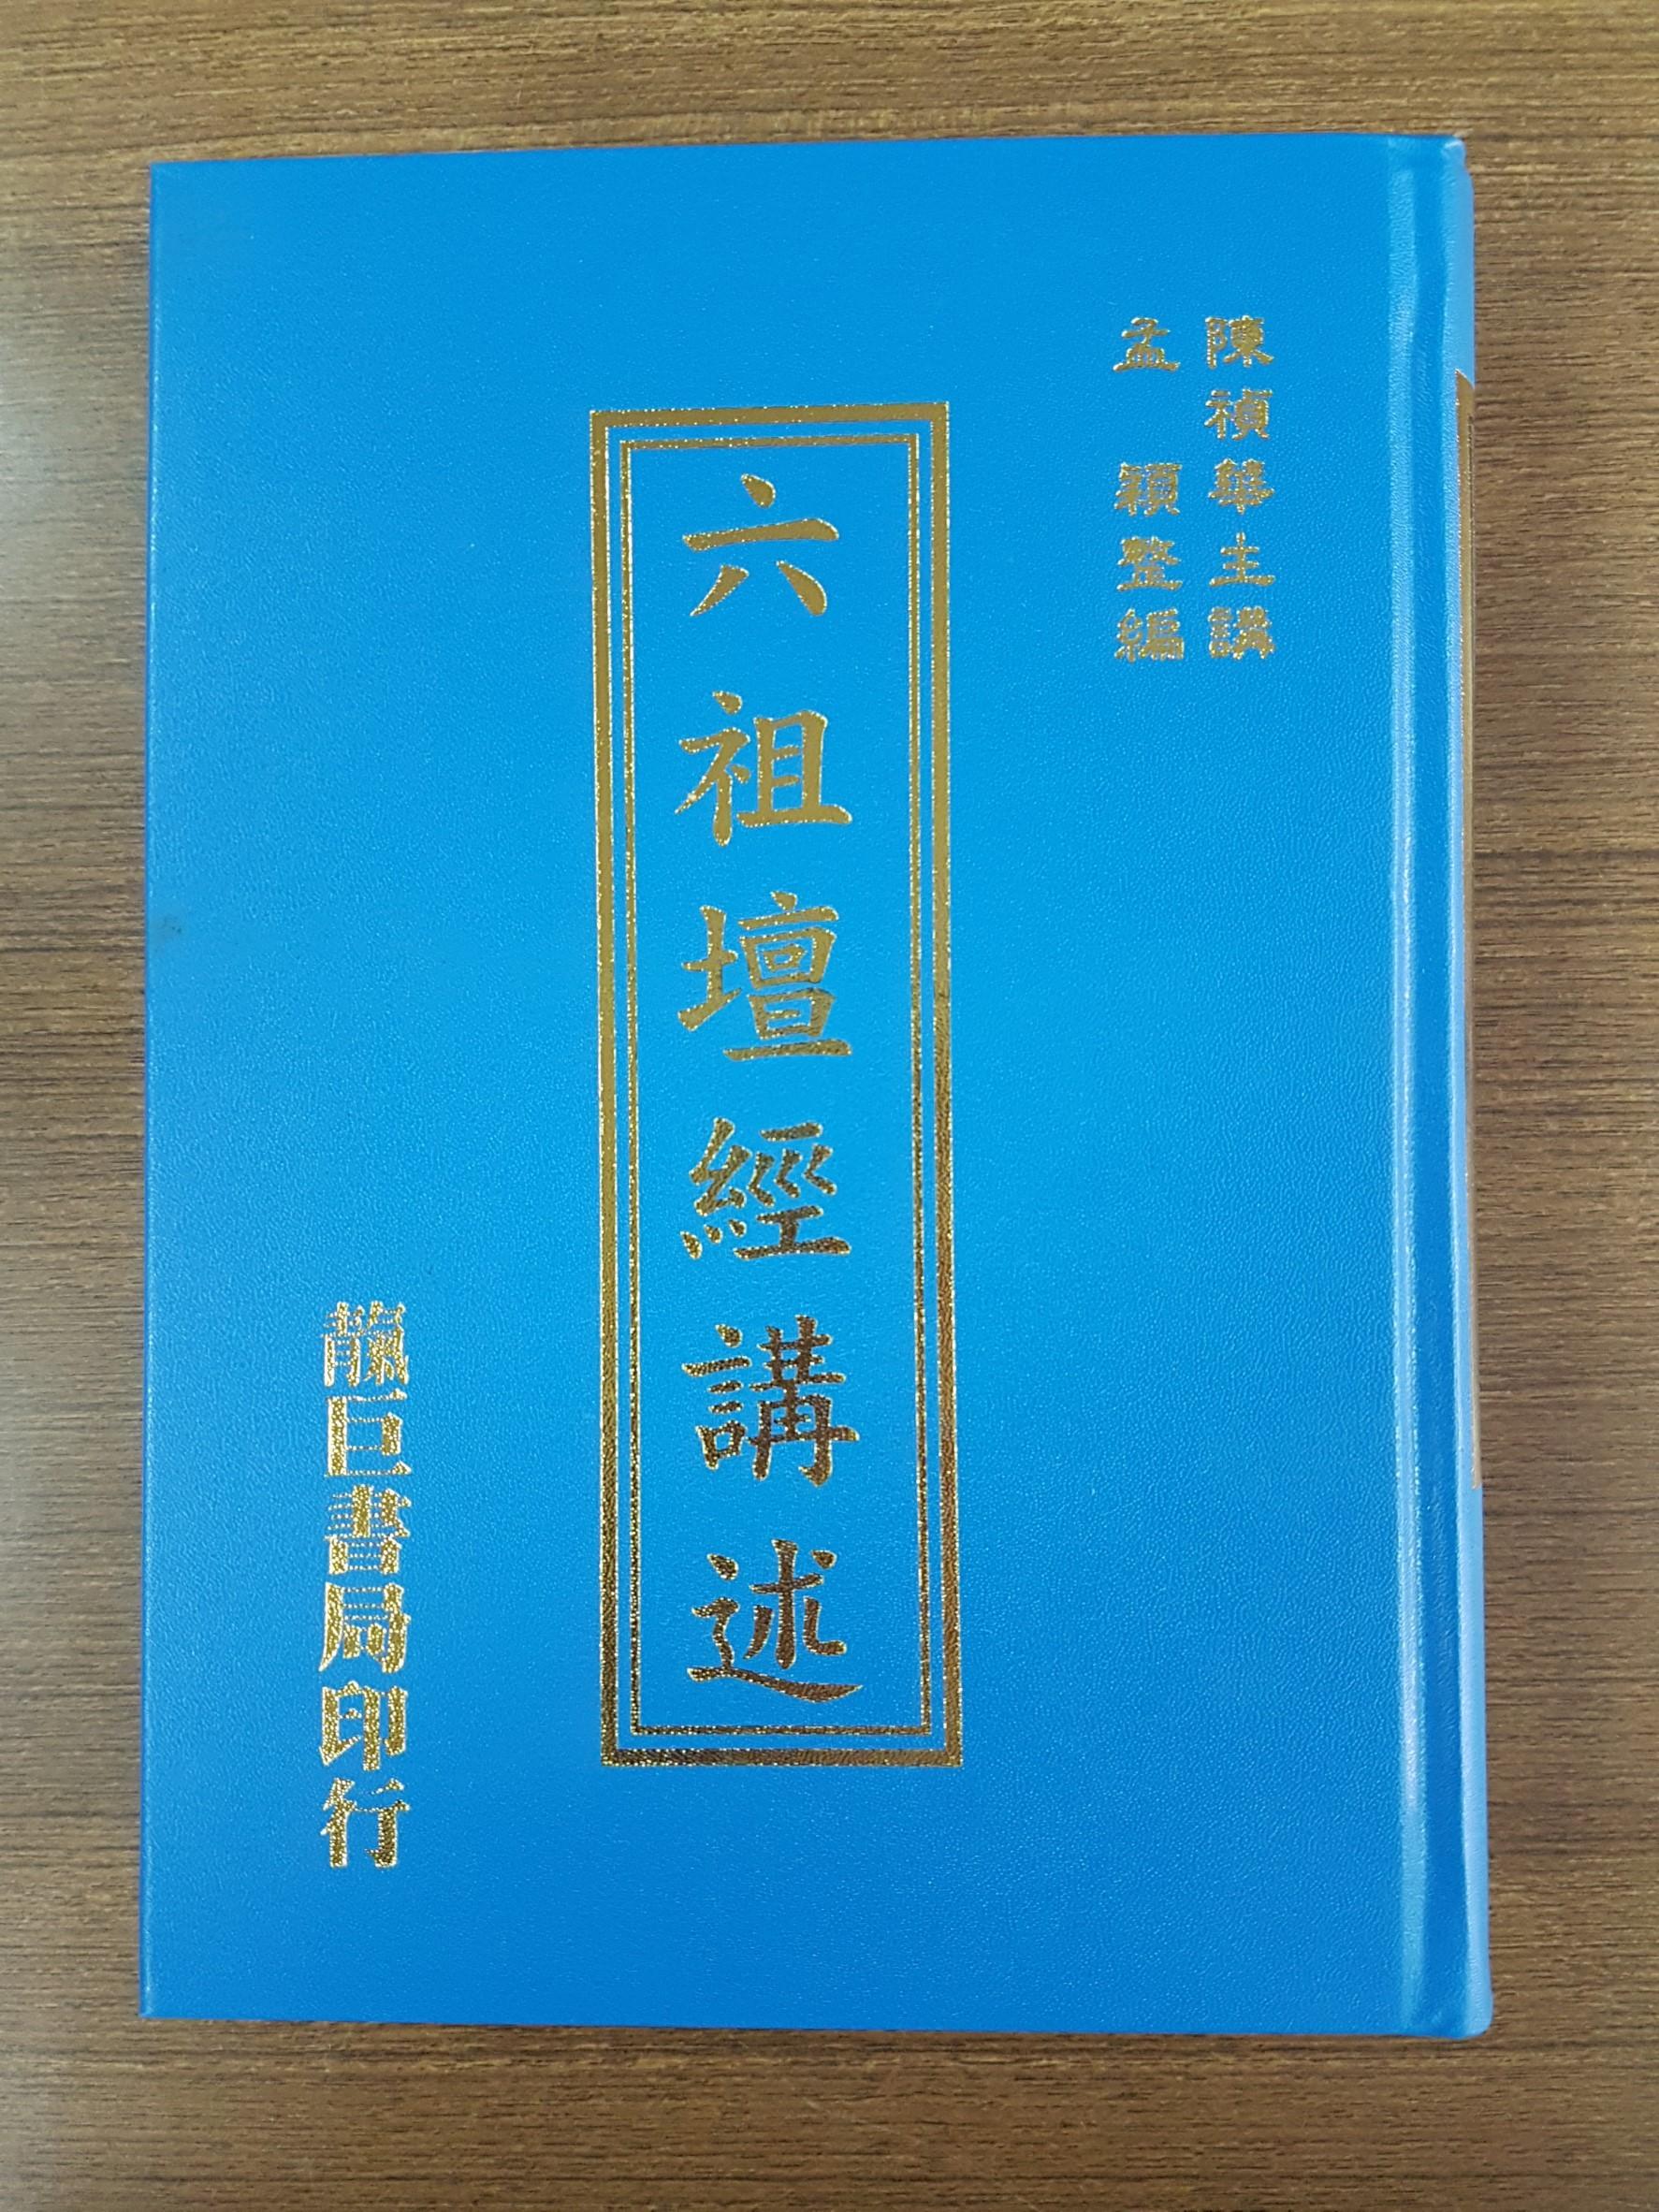 六祖壇經講述 (T16)